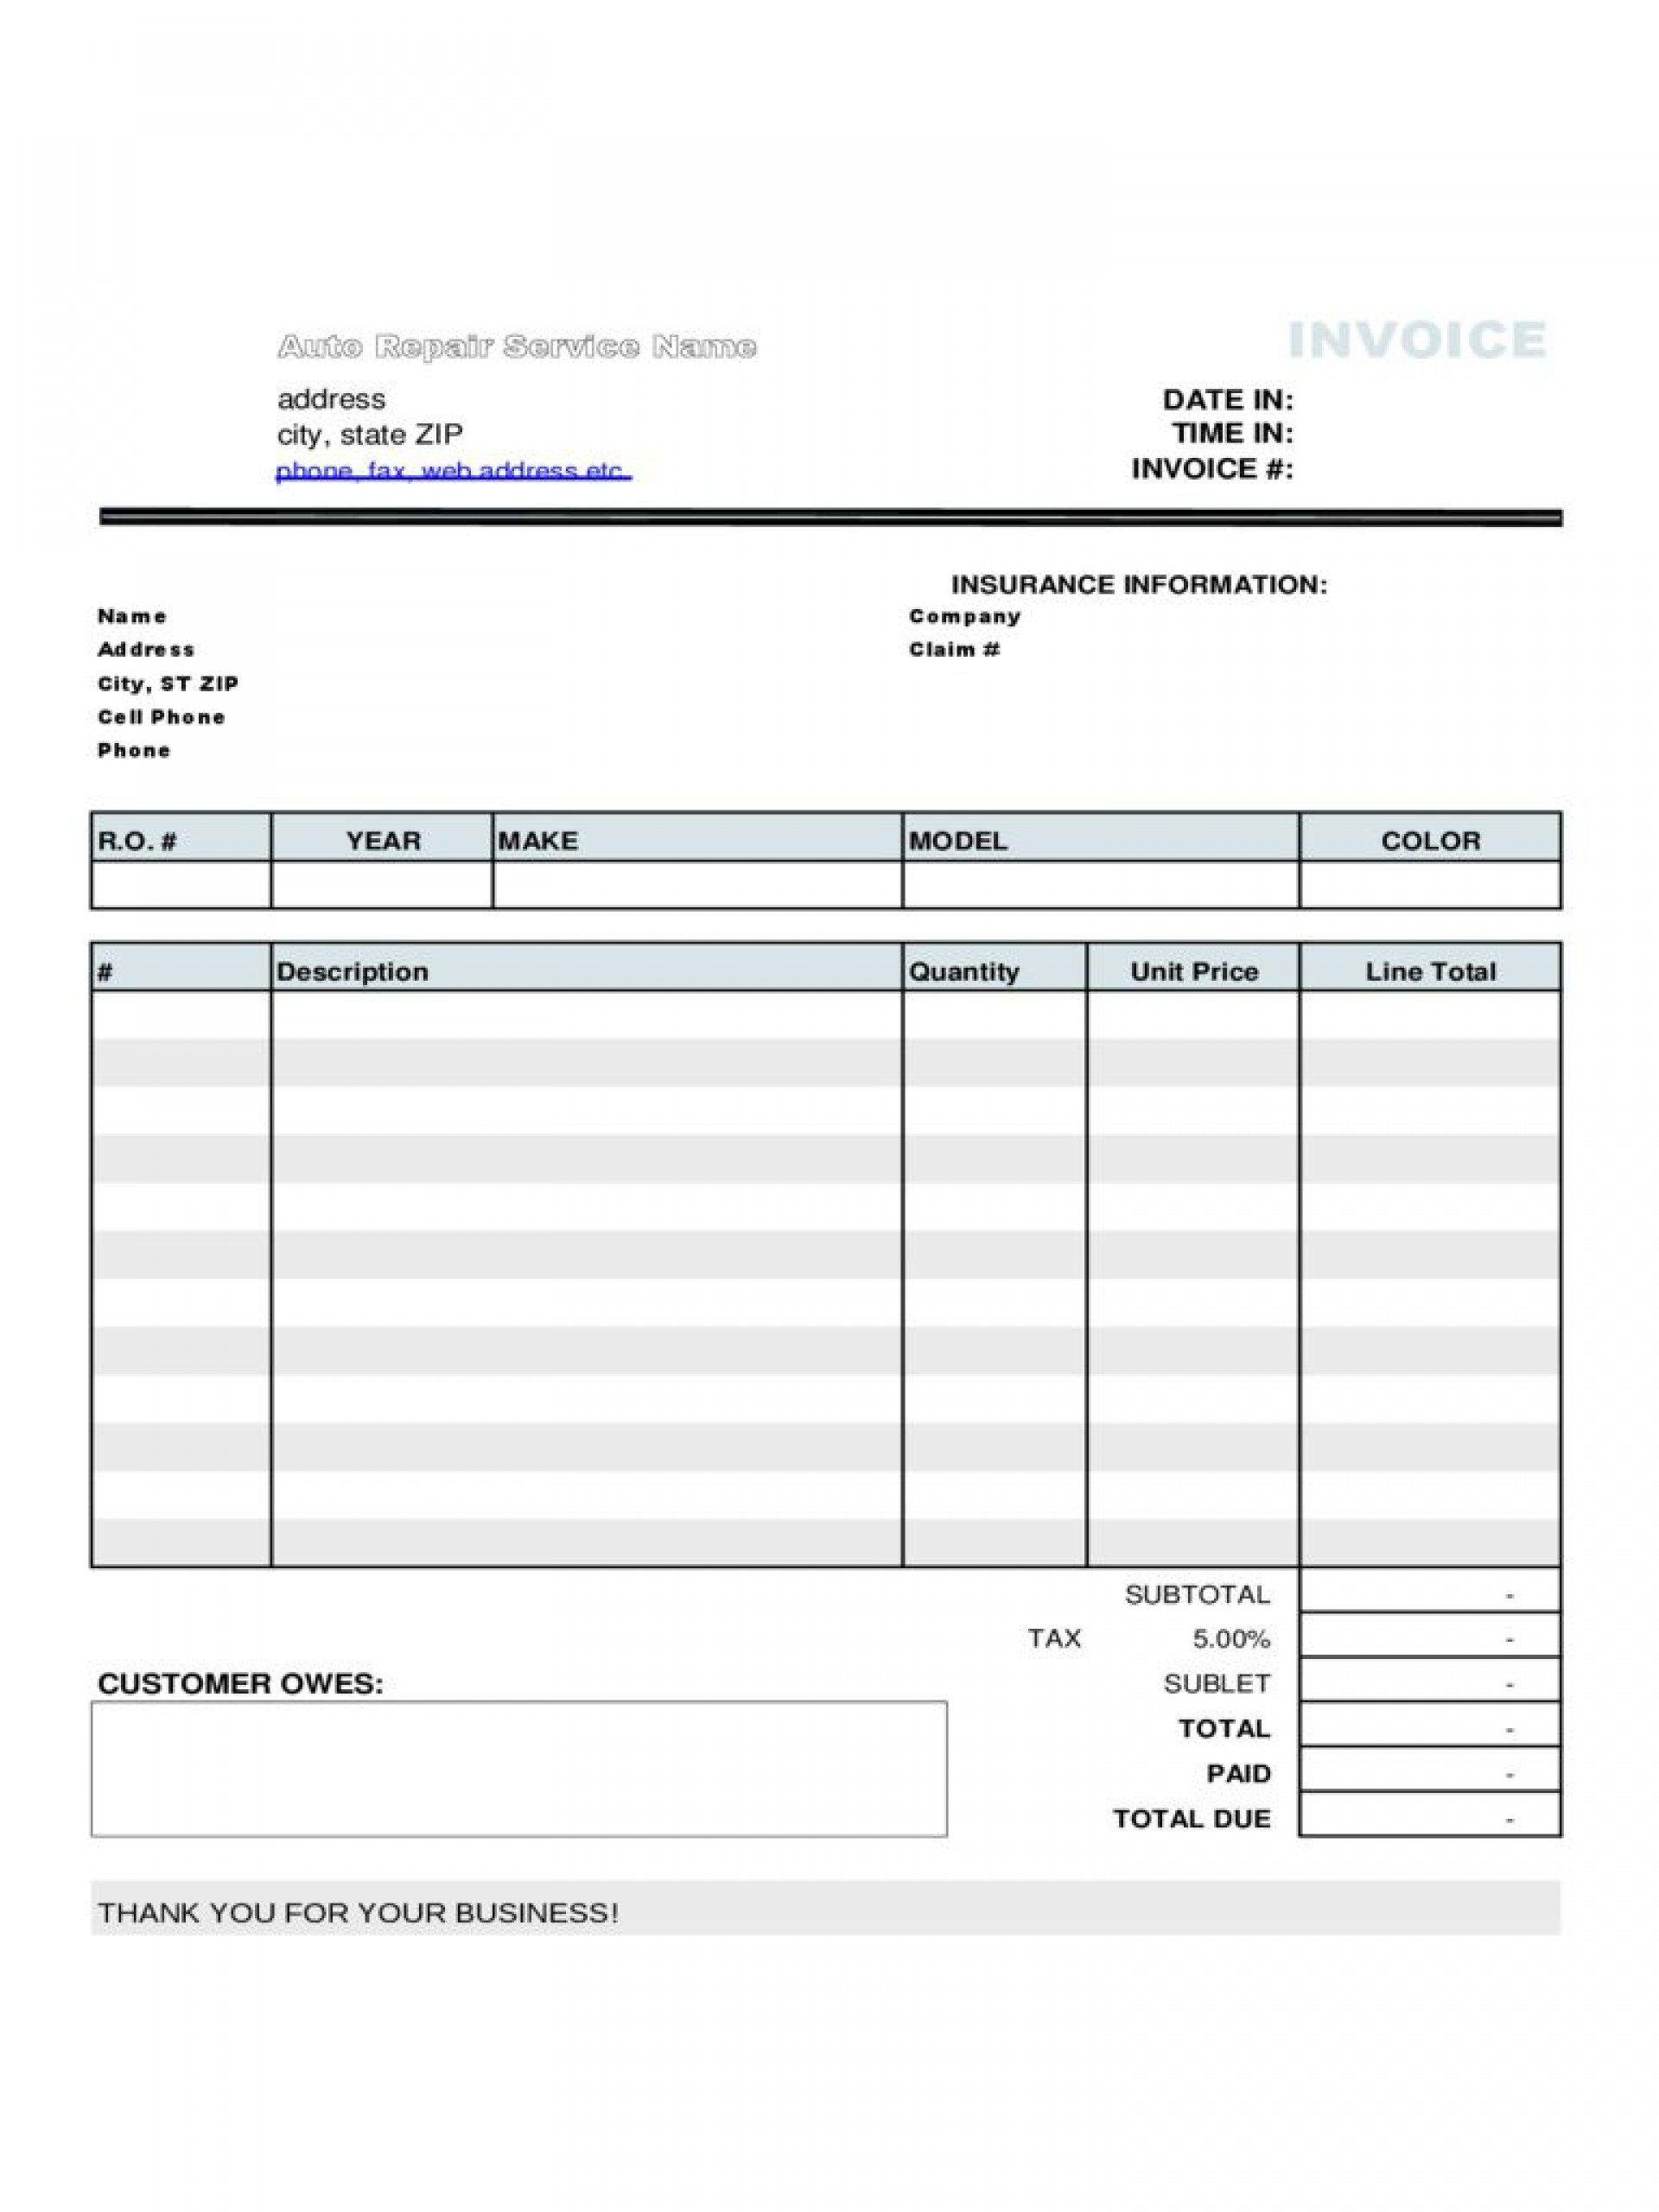 003 Unique Auto Repair Invoice Template Free Image  Excel Printable PdfFull